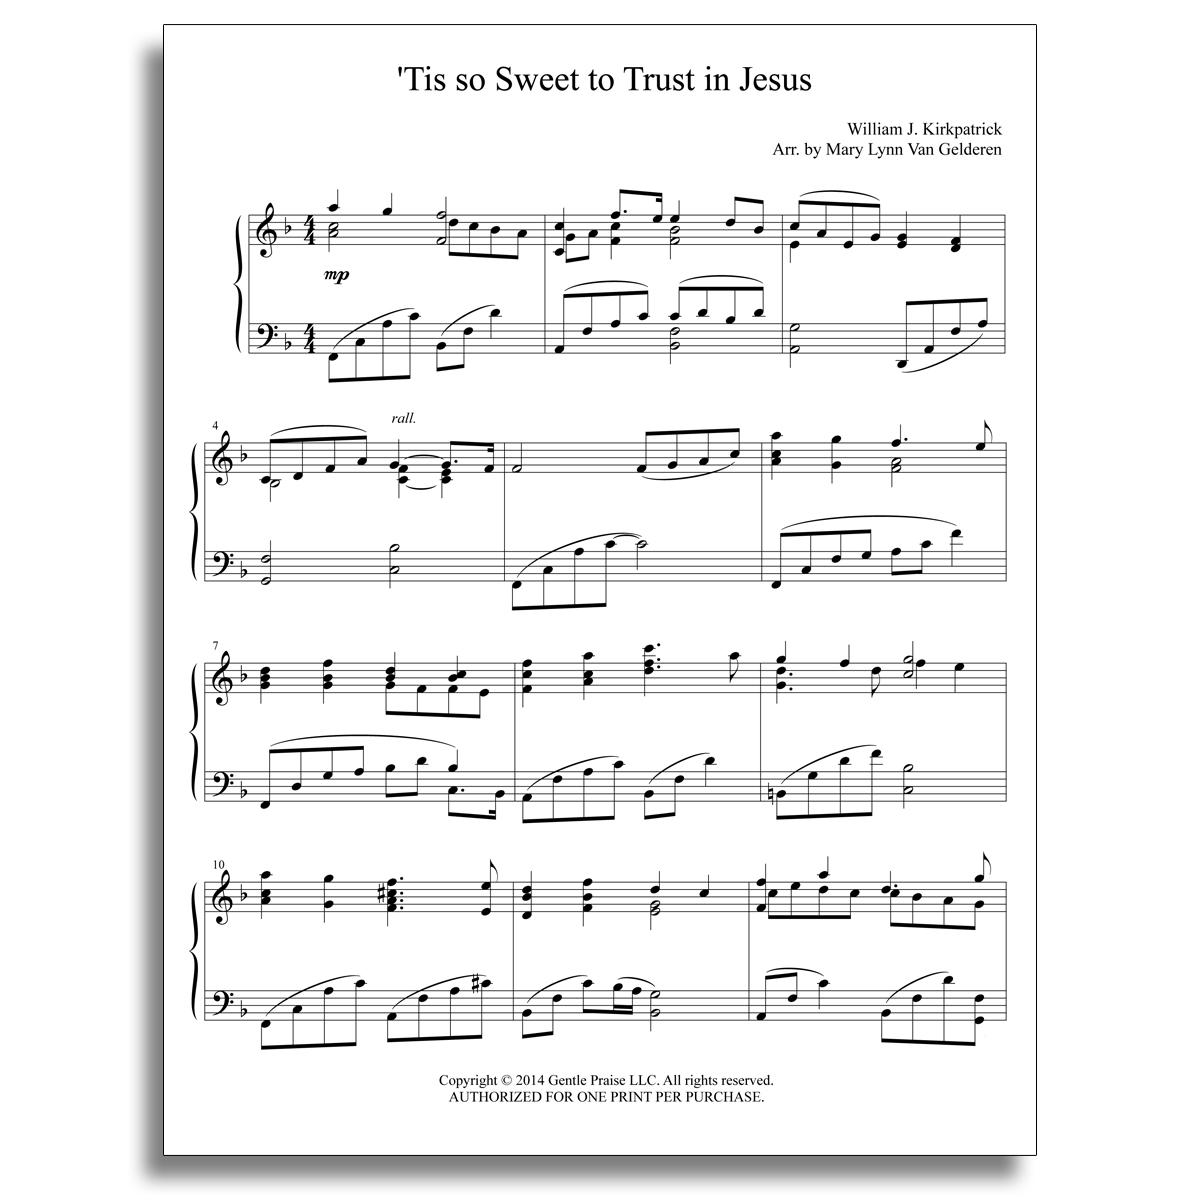 'Tis so Sweet Piano Sheet Music